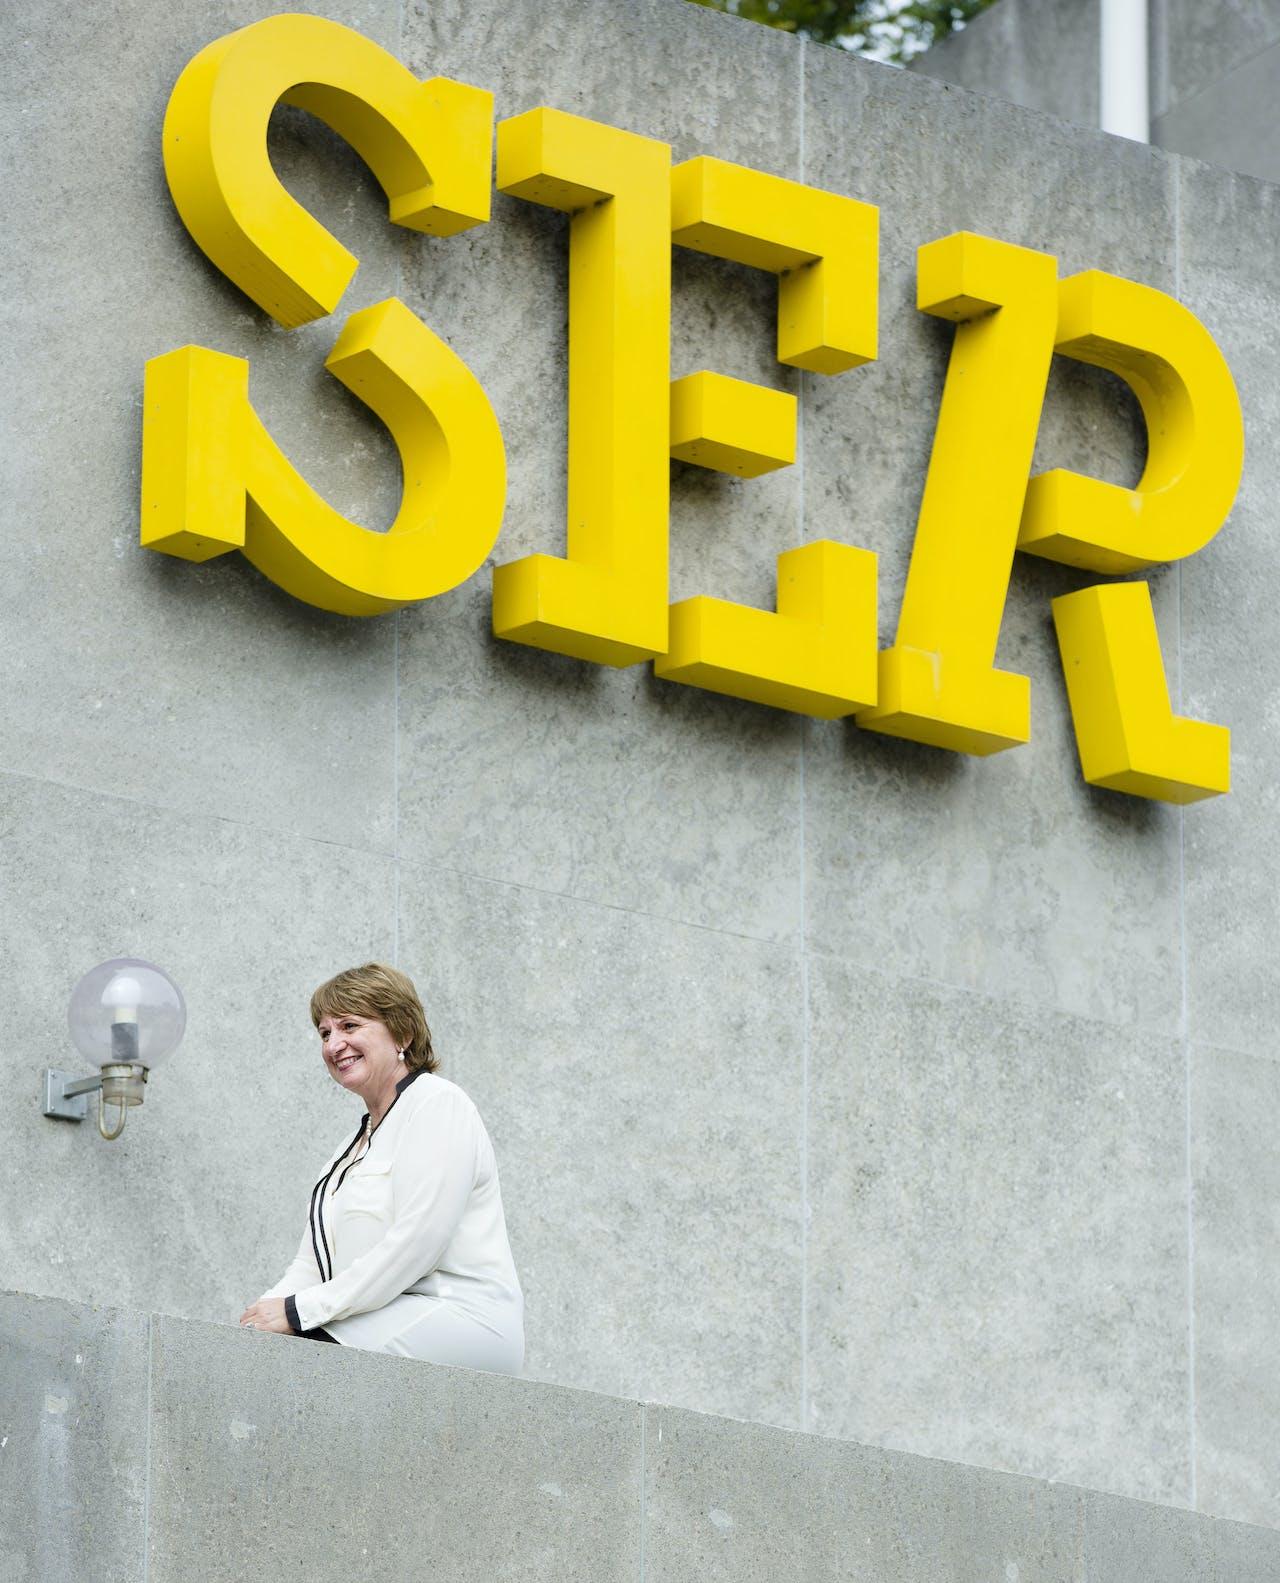 DEN HAAG - SER-voorzitter Mariette Hamer poseert voor een fotograaf bij het logo van de SER. ANP BART MAATDEN HAAG